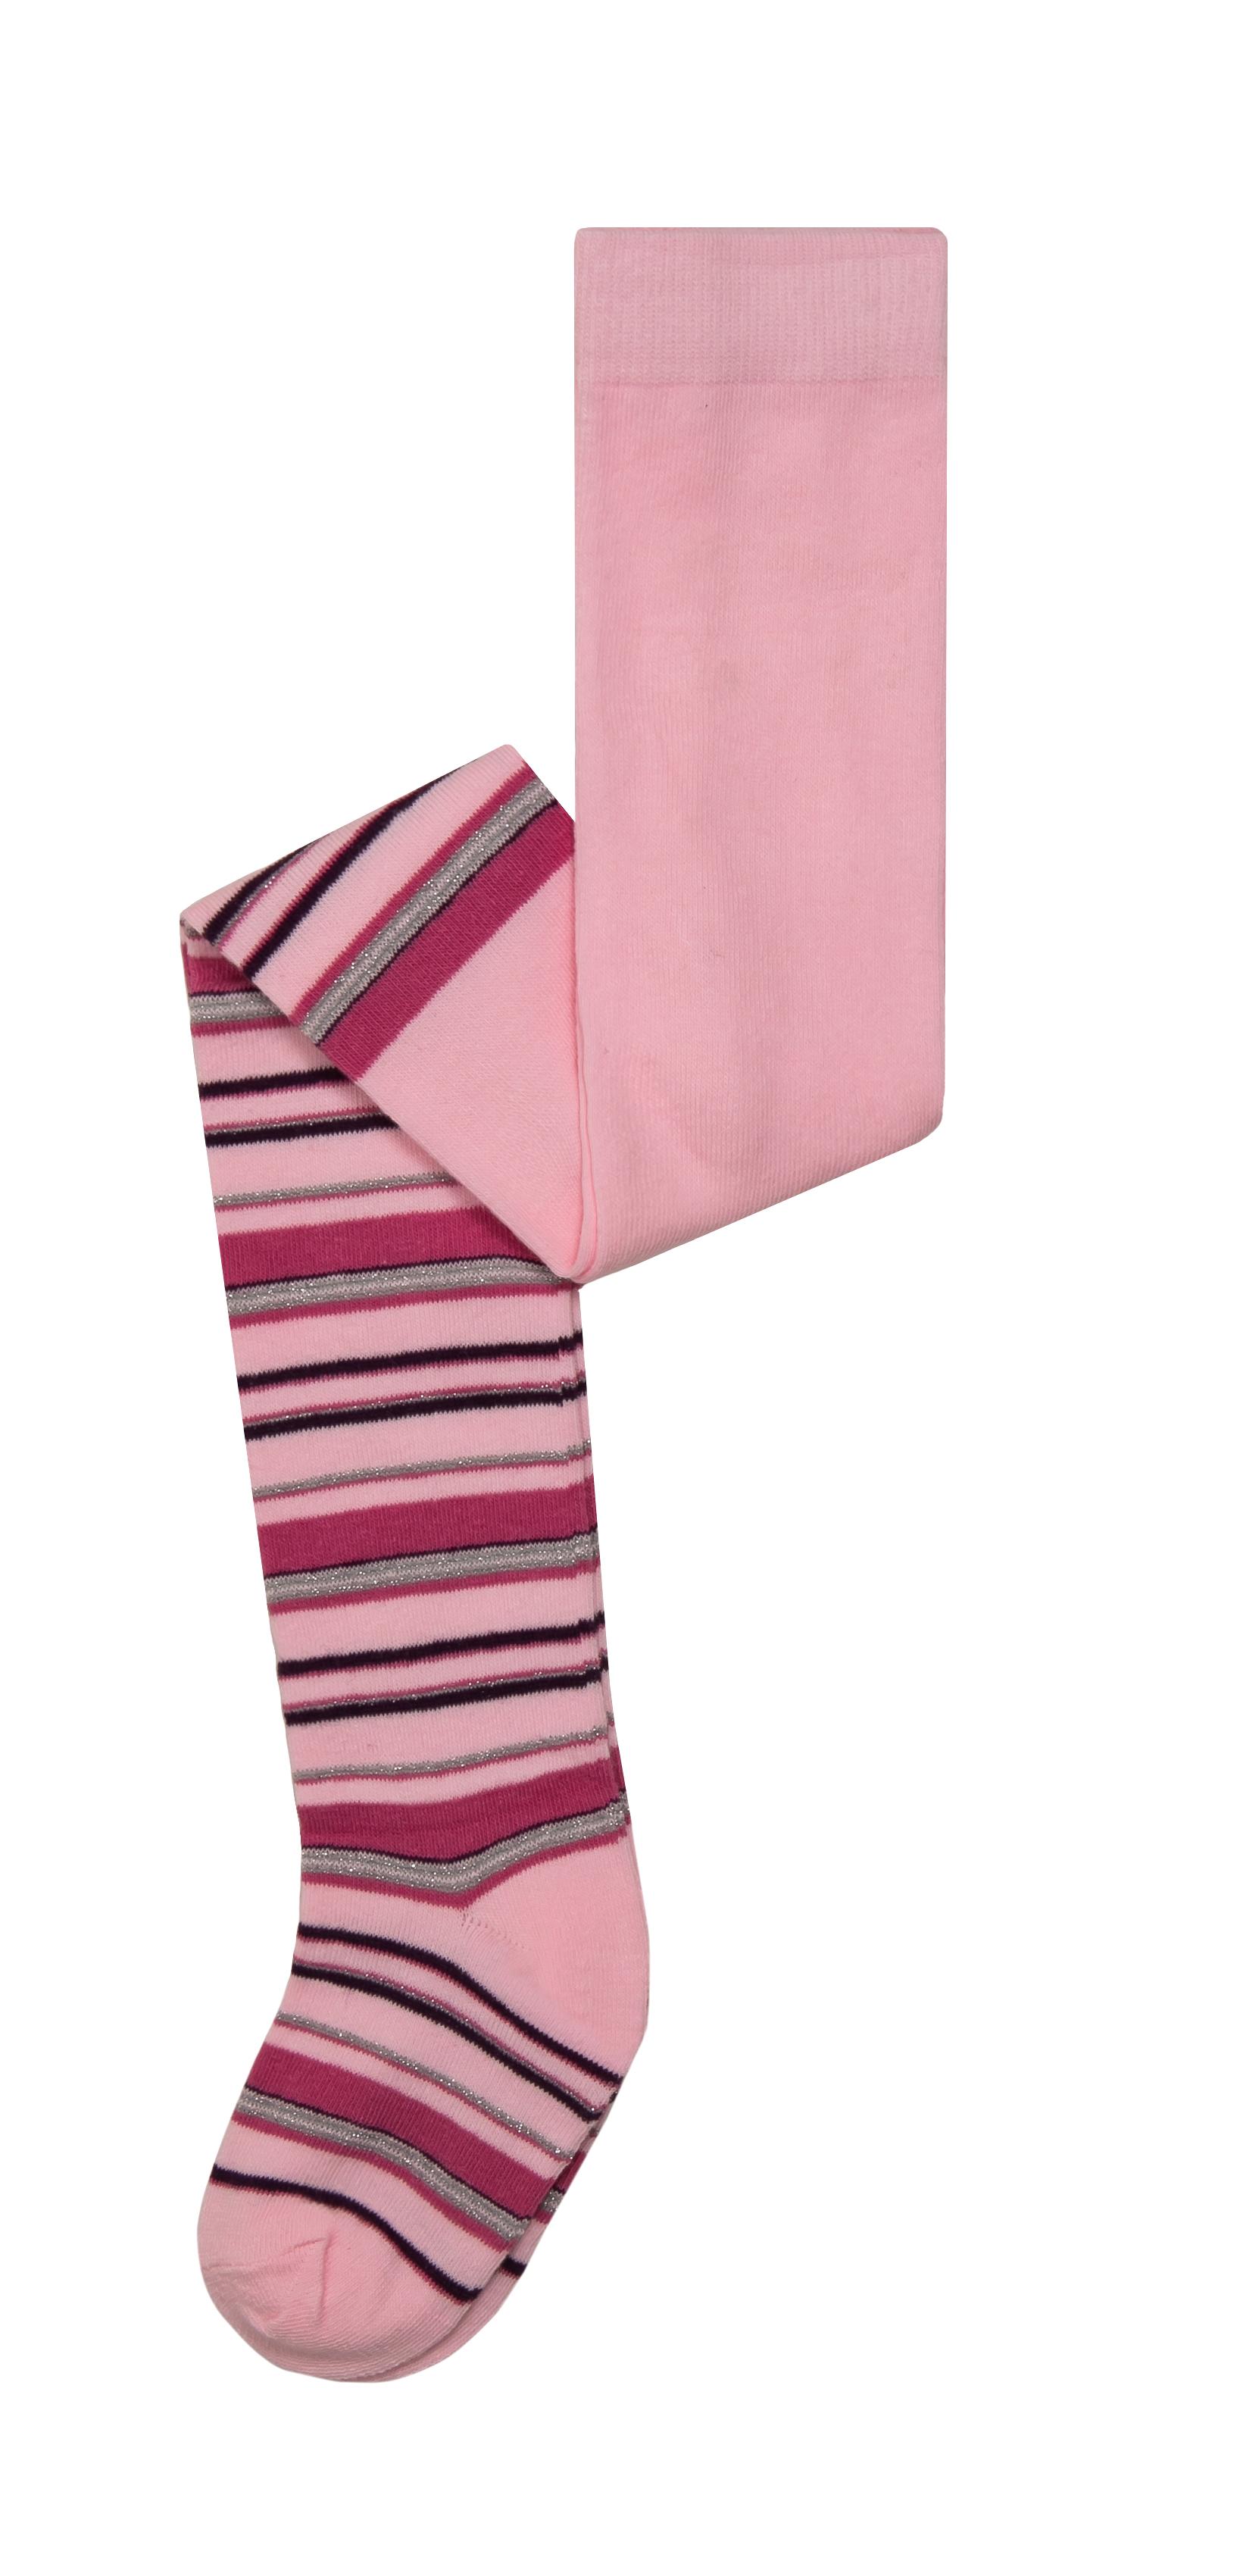 Купить Колготки, для девочки, розовые с рисунком в полоску, Barkito, Китай, pink, Женский